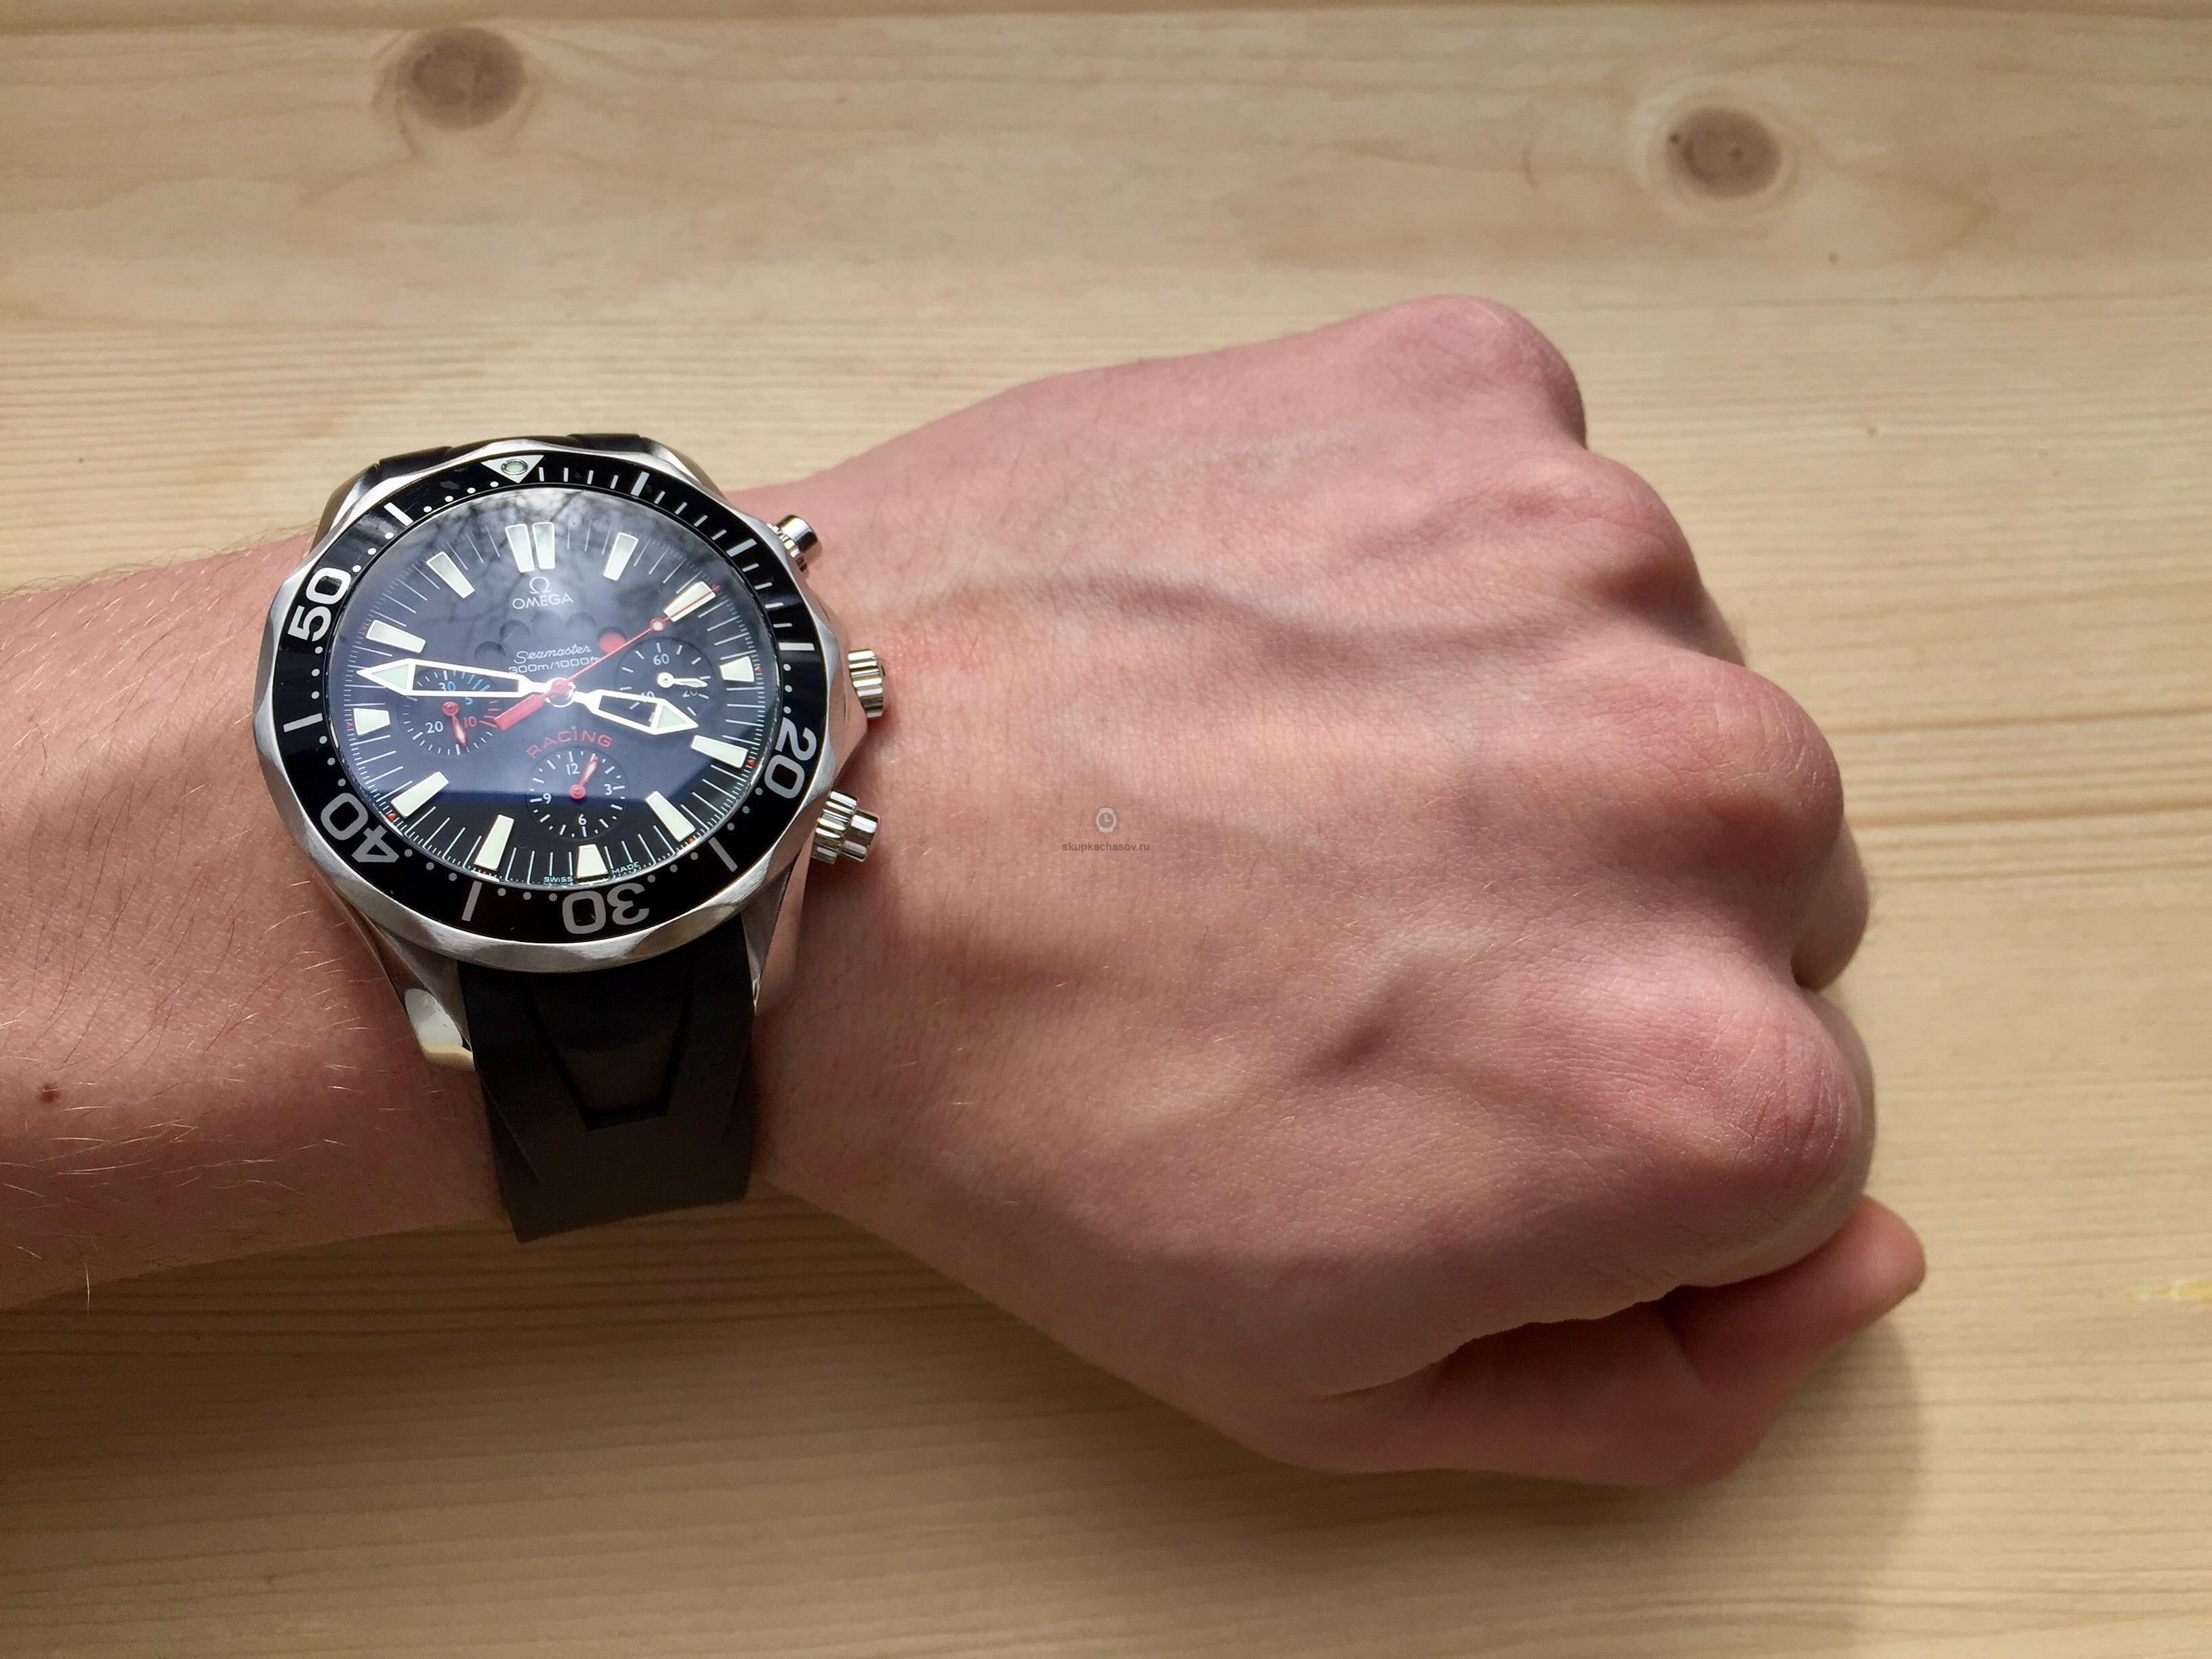 Купить наручные часы Omega Seamaster Racing в Часовой ломбард